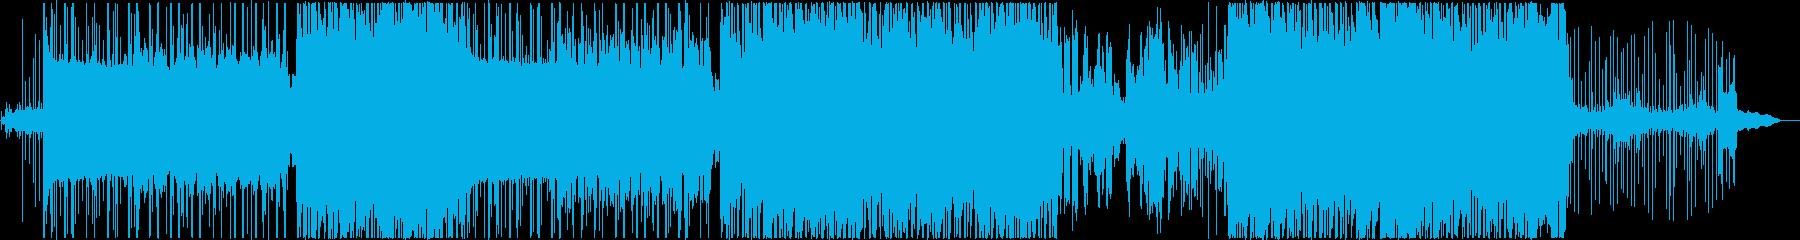 【歌】暗い雰囲気の女性ボーカルポップス2の再生済みの波形